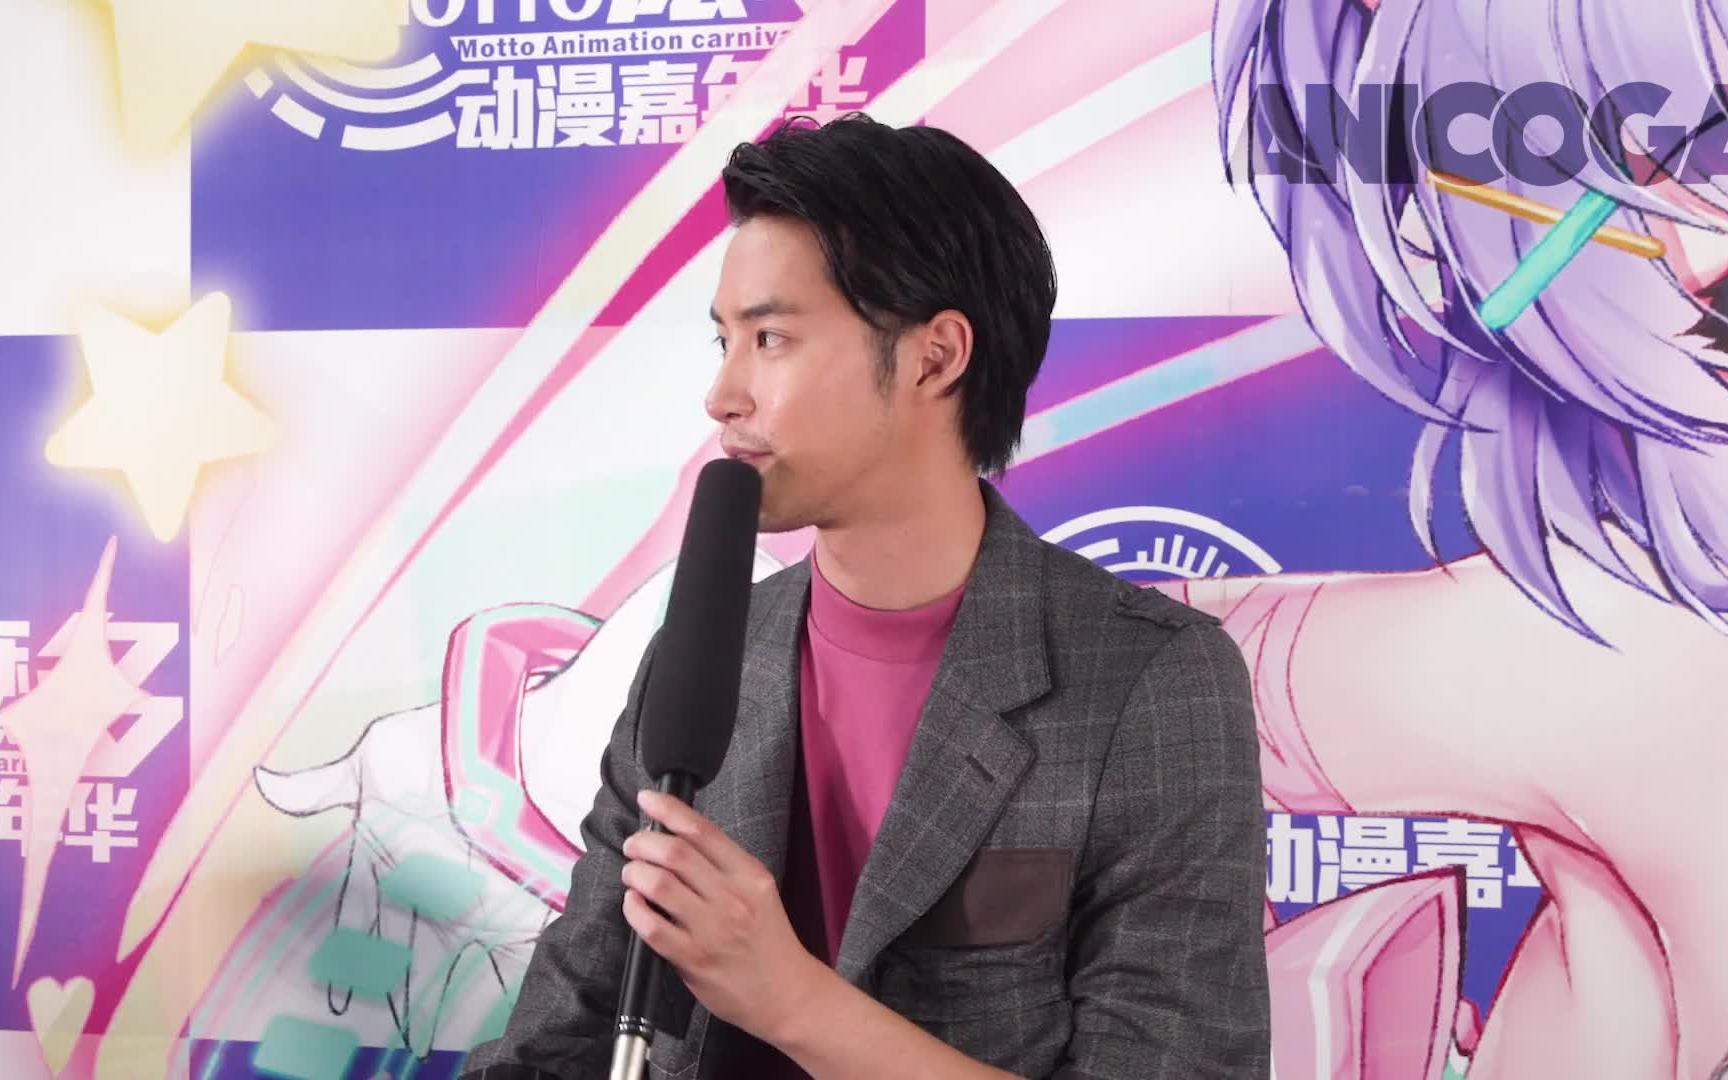 专访白石隼也:希望在中国也能看到我出演的电影-ANICOGA